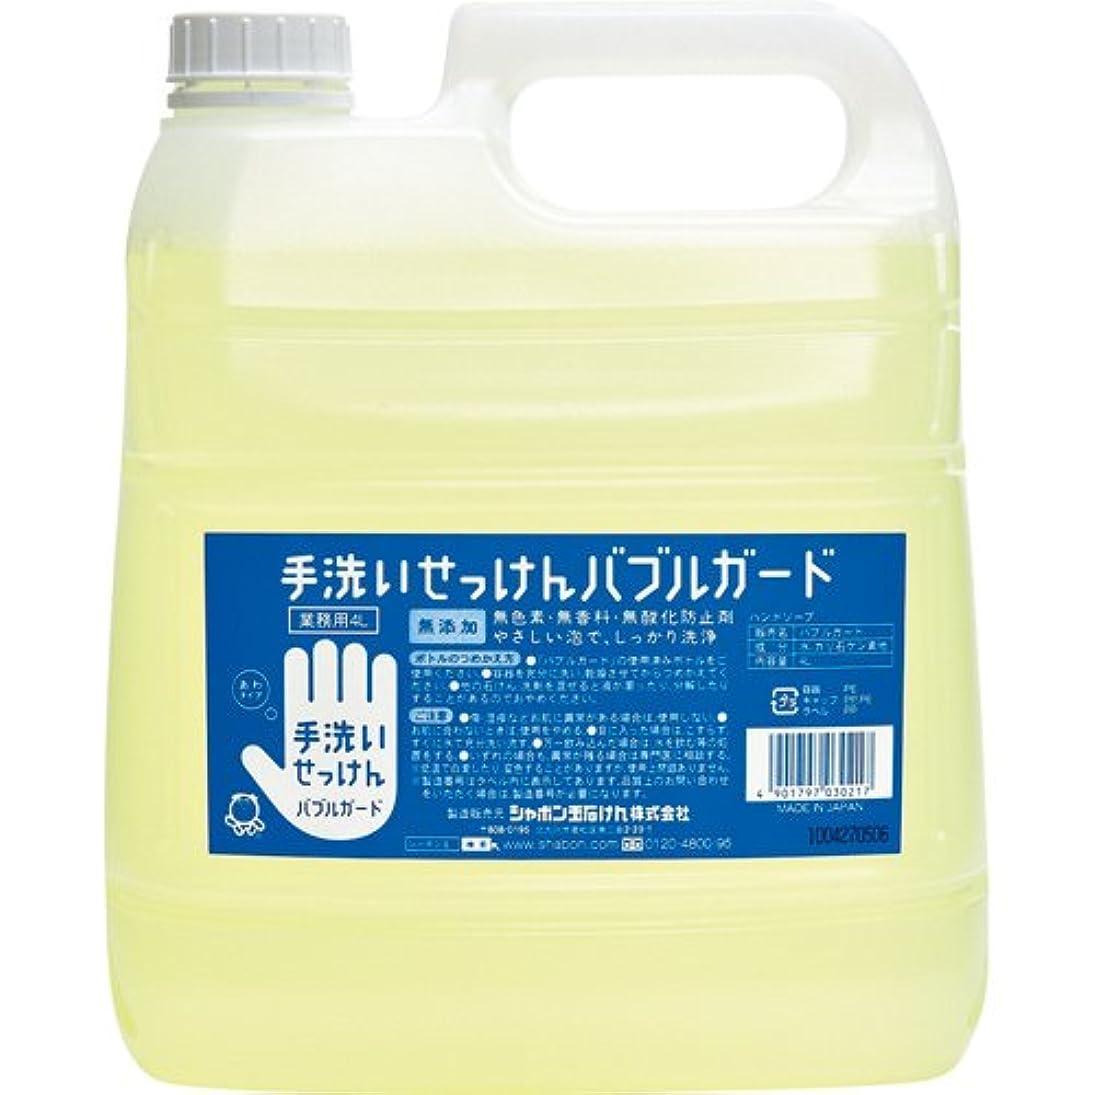 付属品ポールコンテンツ[シャボン玉石けん 1692542] (ケア商品)手洗いせっけん バブルガード 泡タイプ 業務用 4L